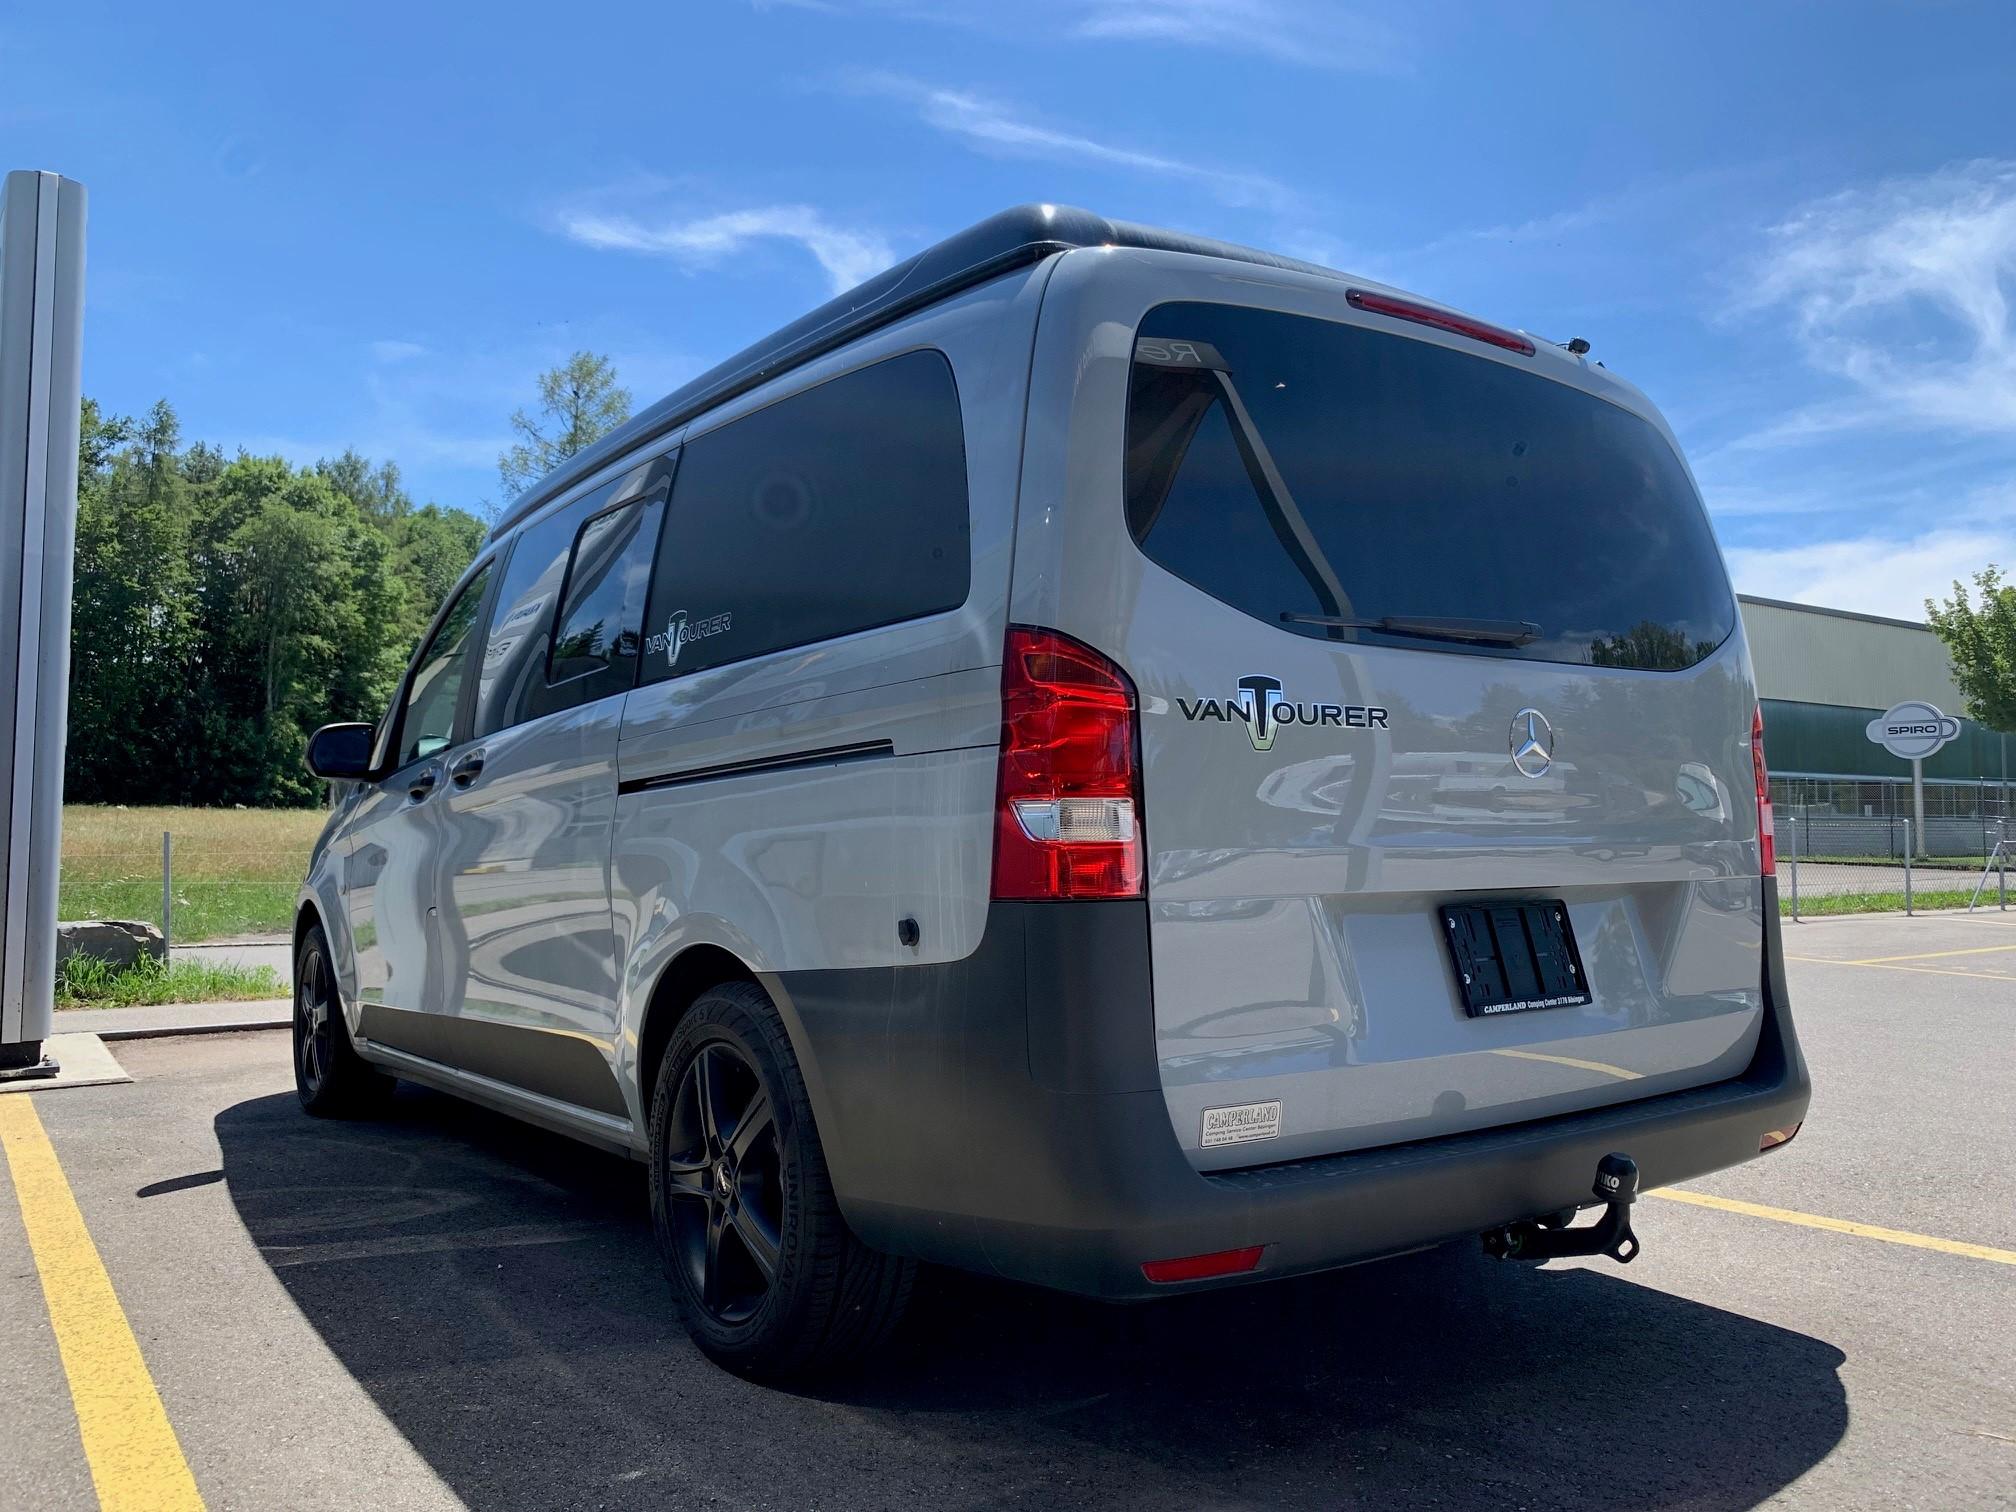 Wohnwagen, Camper und Wohnmobile von Camperland AG in Bösingen